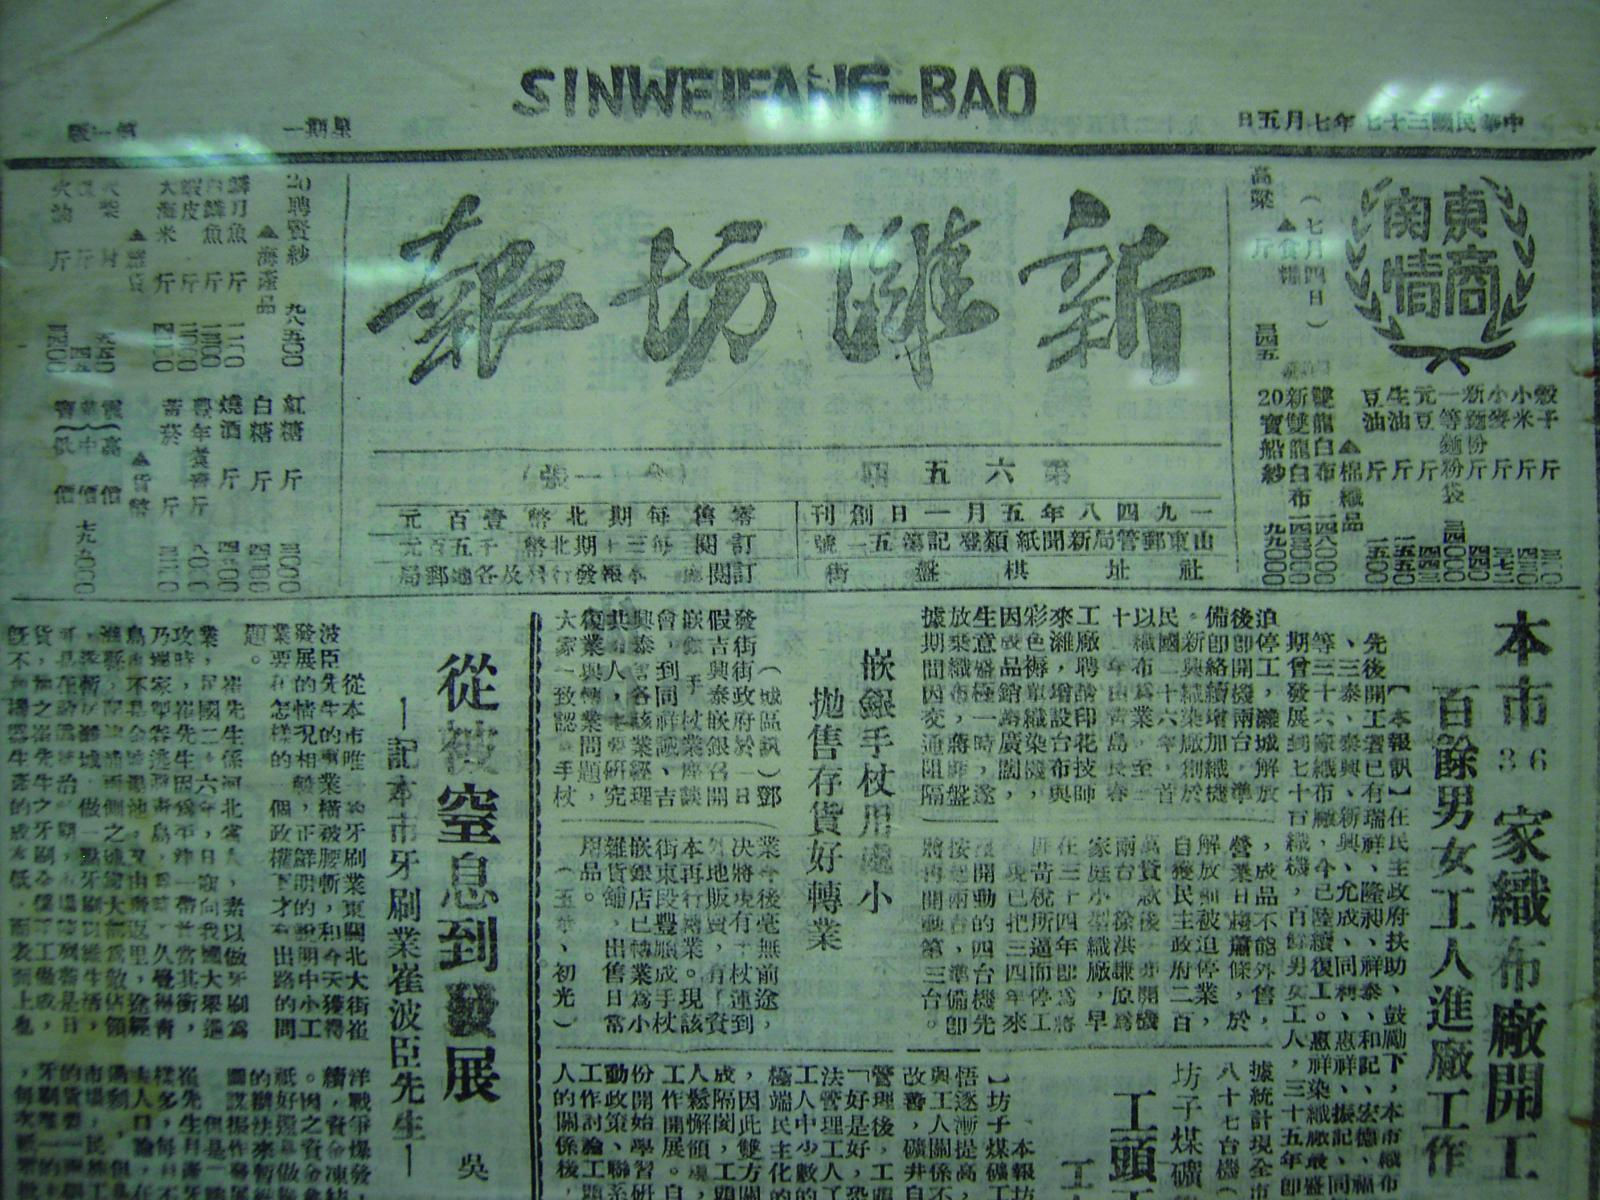 【原创】解放战争时期诞生的《新潍坊报》 - 子夜人 - 子夜人的博客